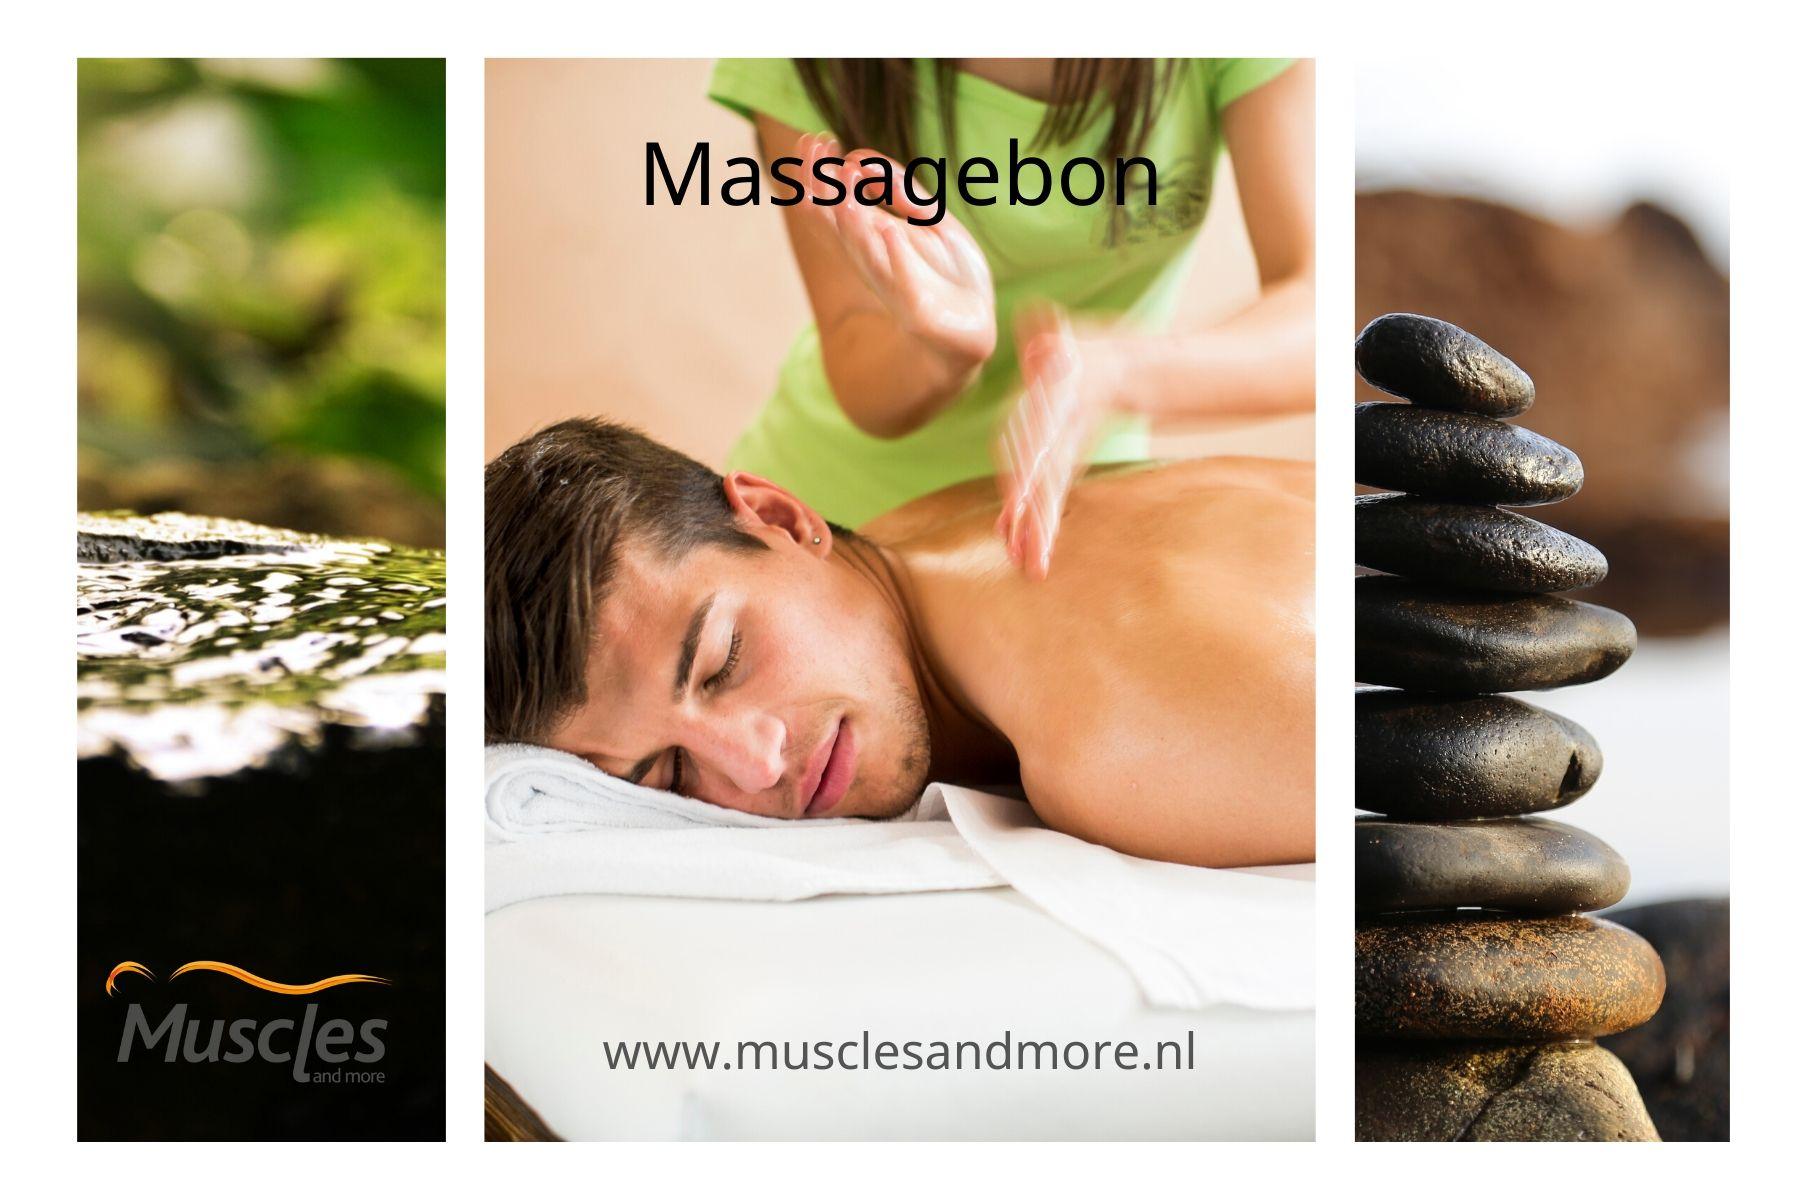 Maasagebon man Muscles and more